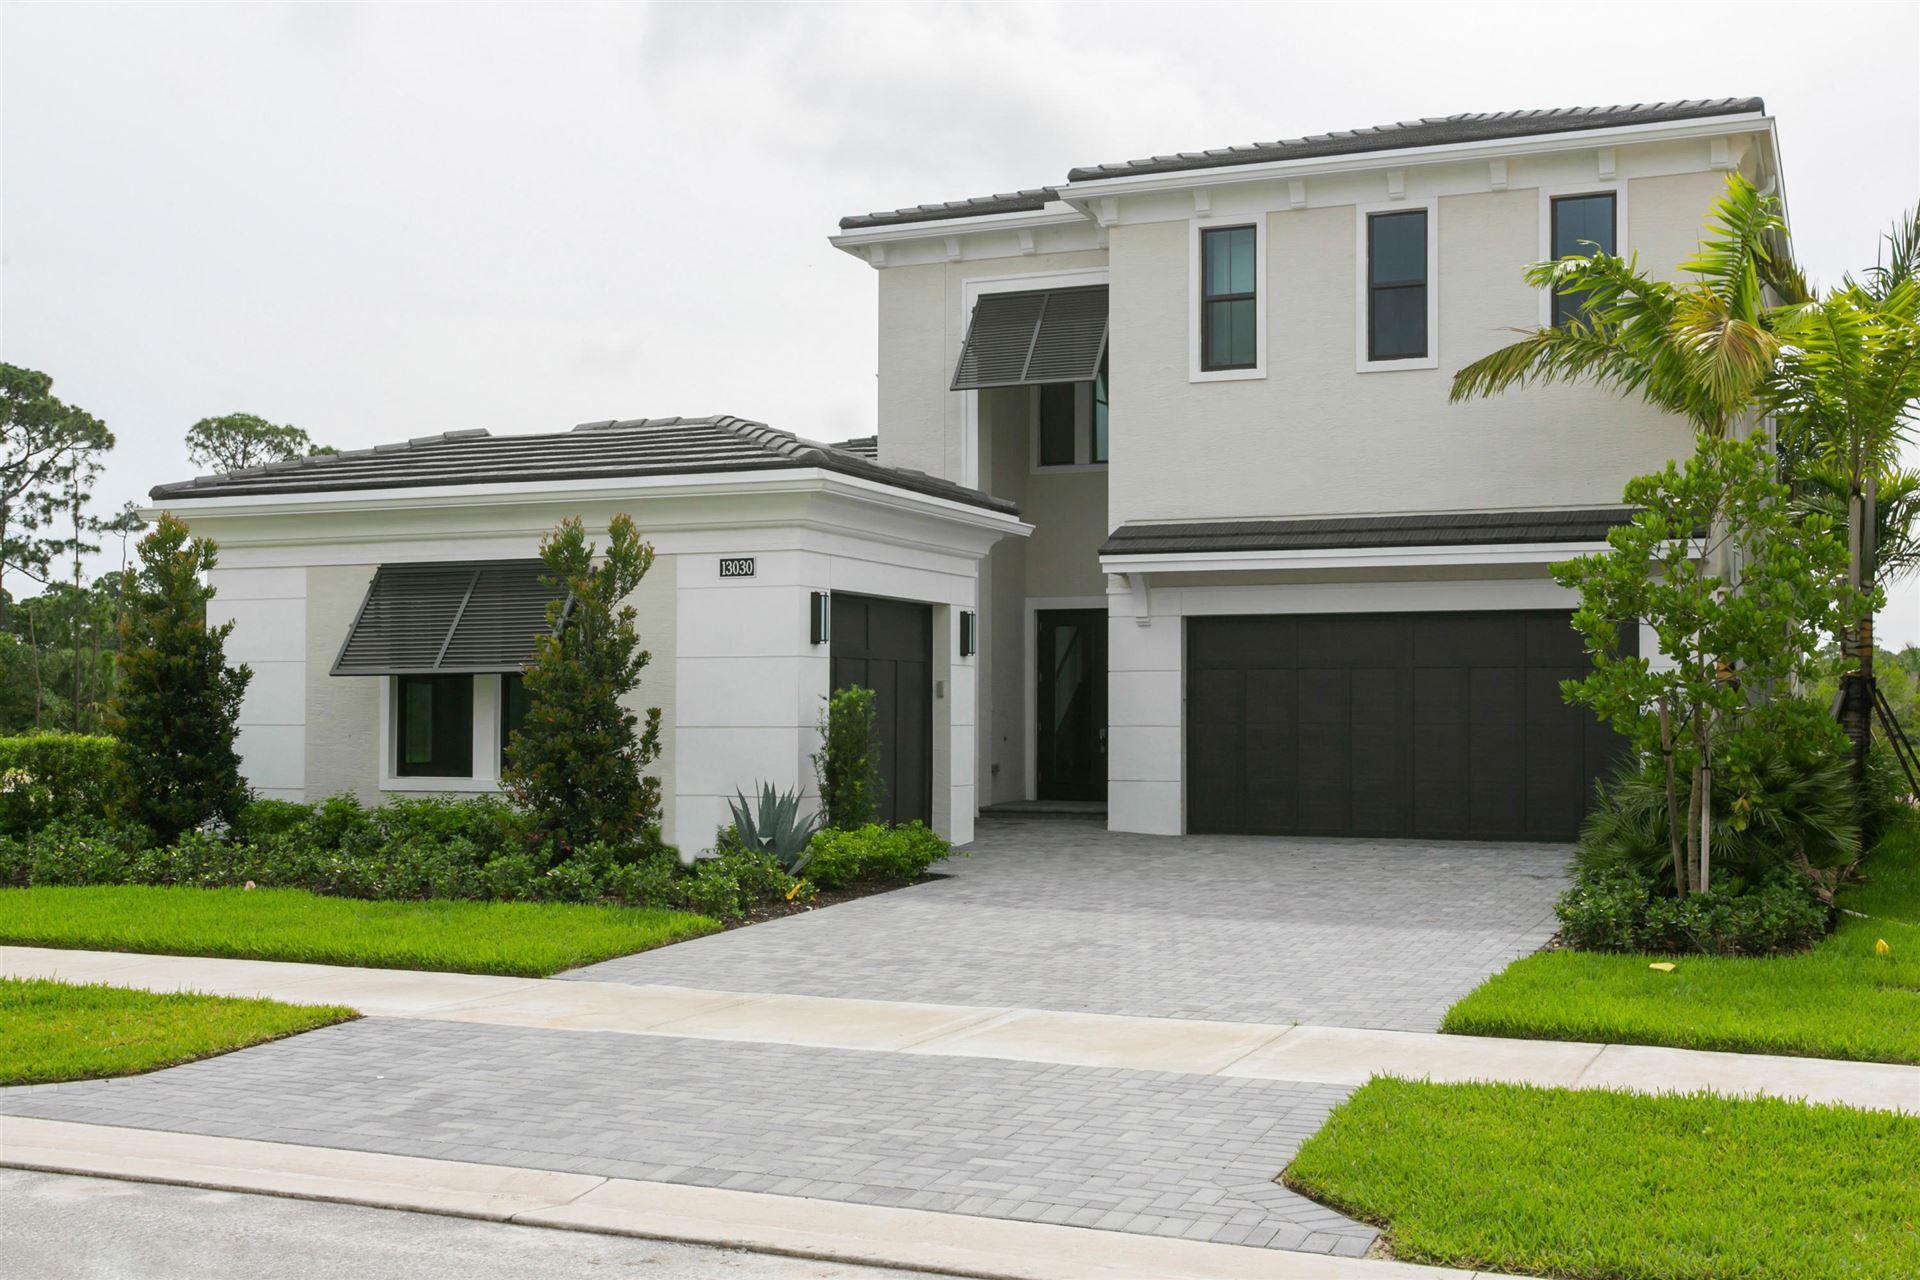 13030 Artisan Circle, Palm Beach Gardens, FL 33418 - #: RX-10628802